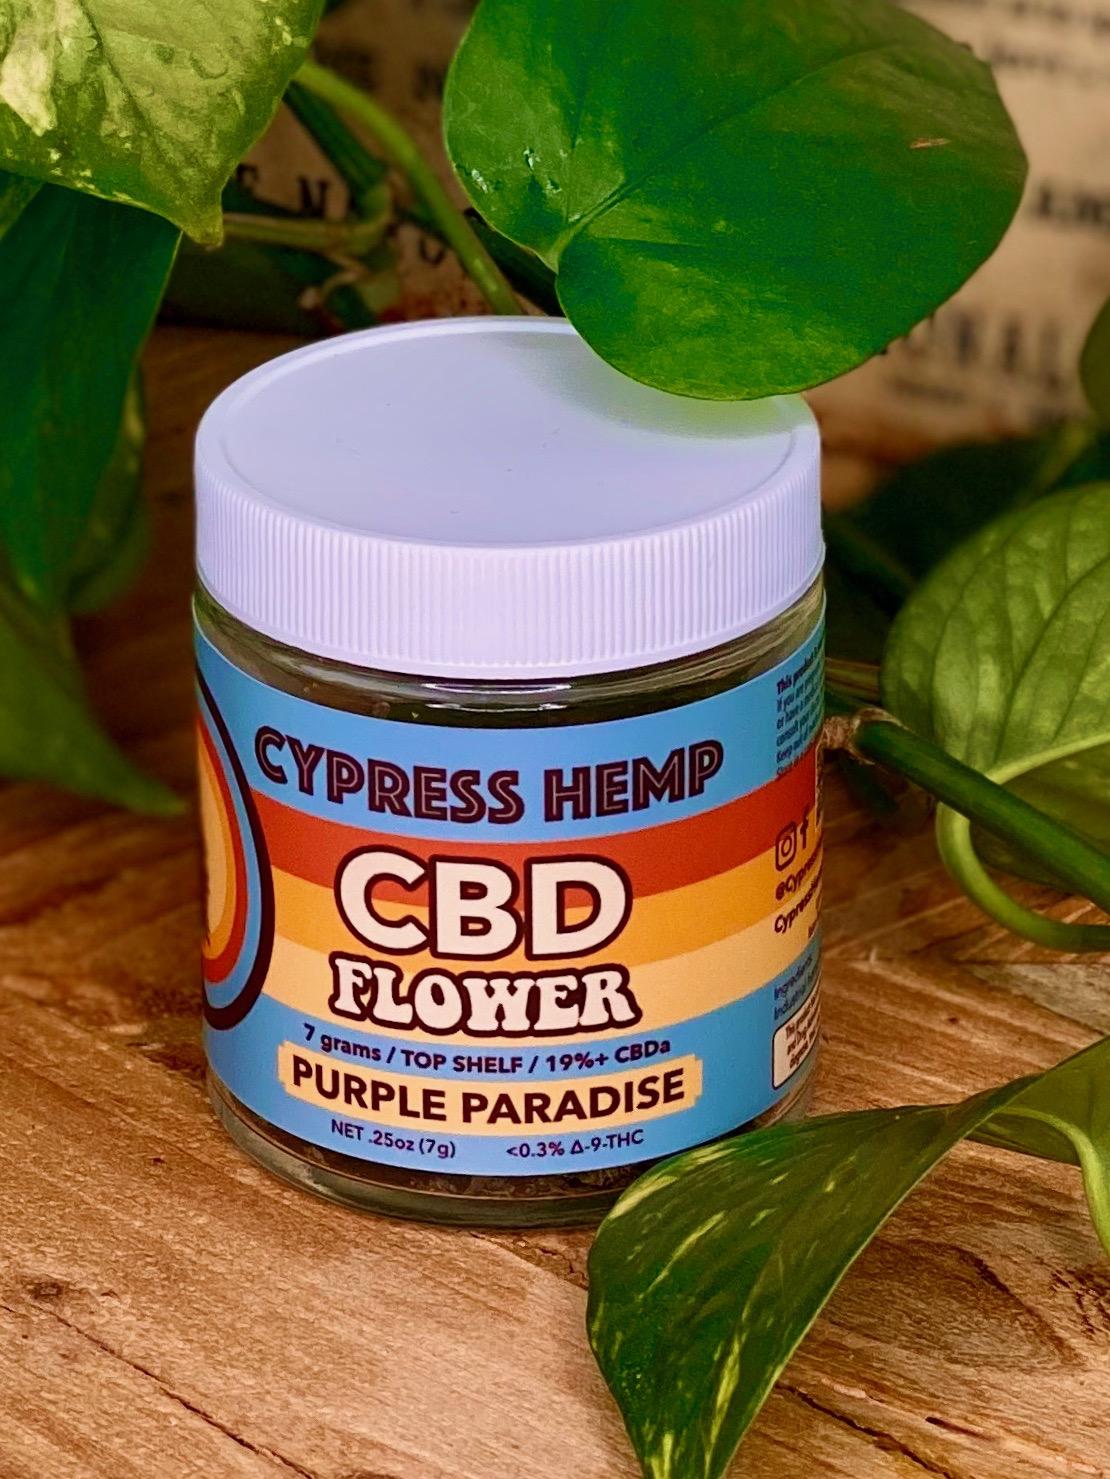 Cypress Hemp CBD Flower